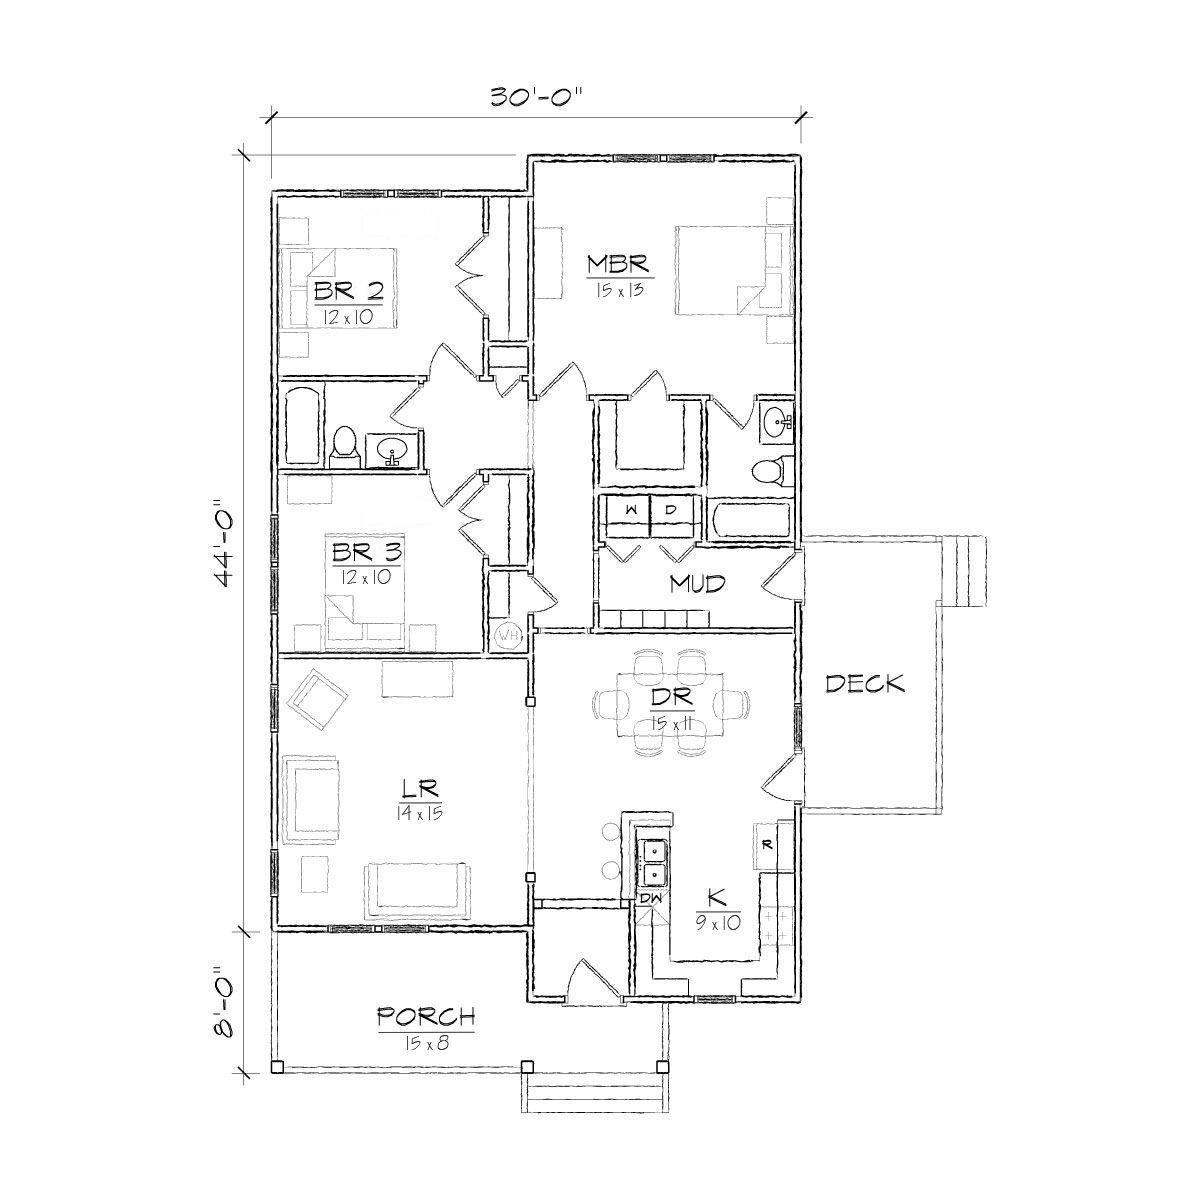 House plans 2 bedrooms bungalow designs